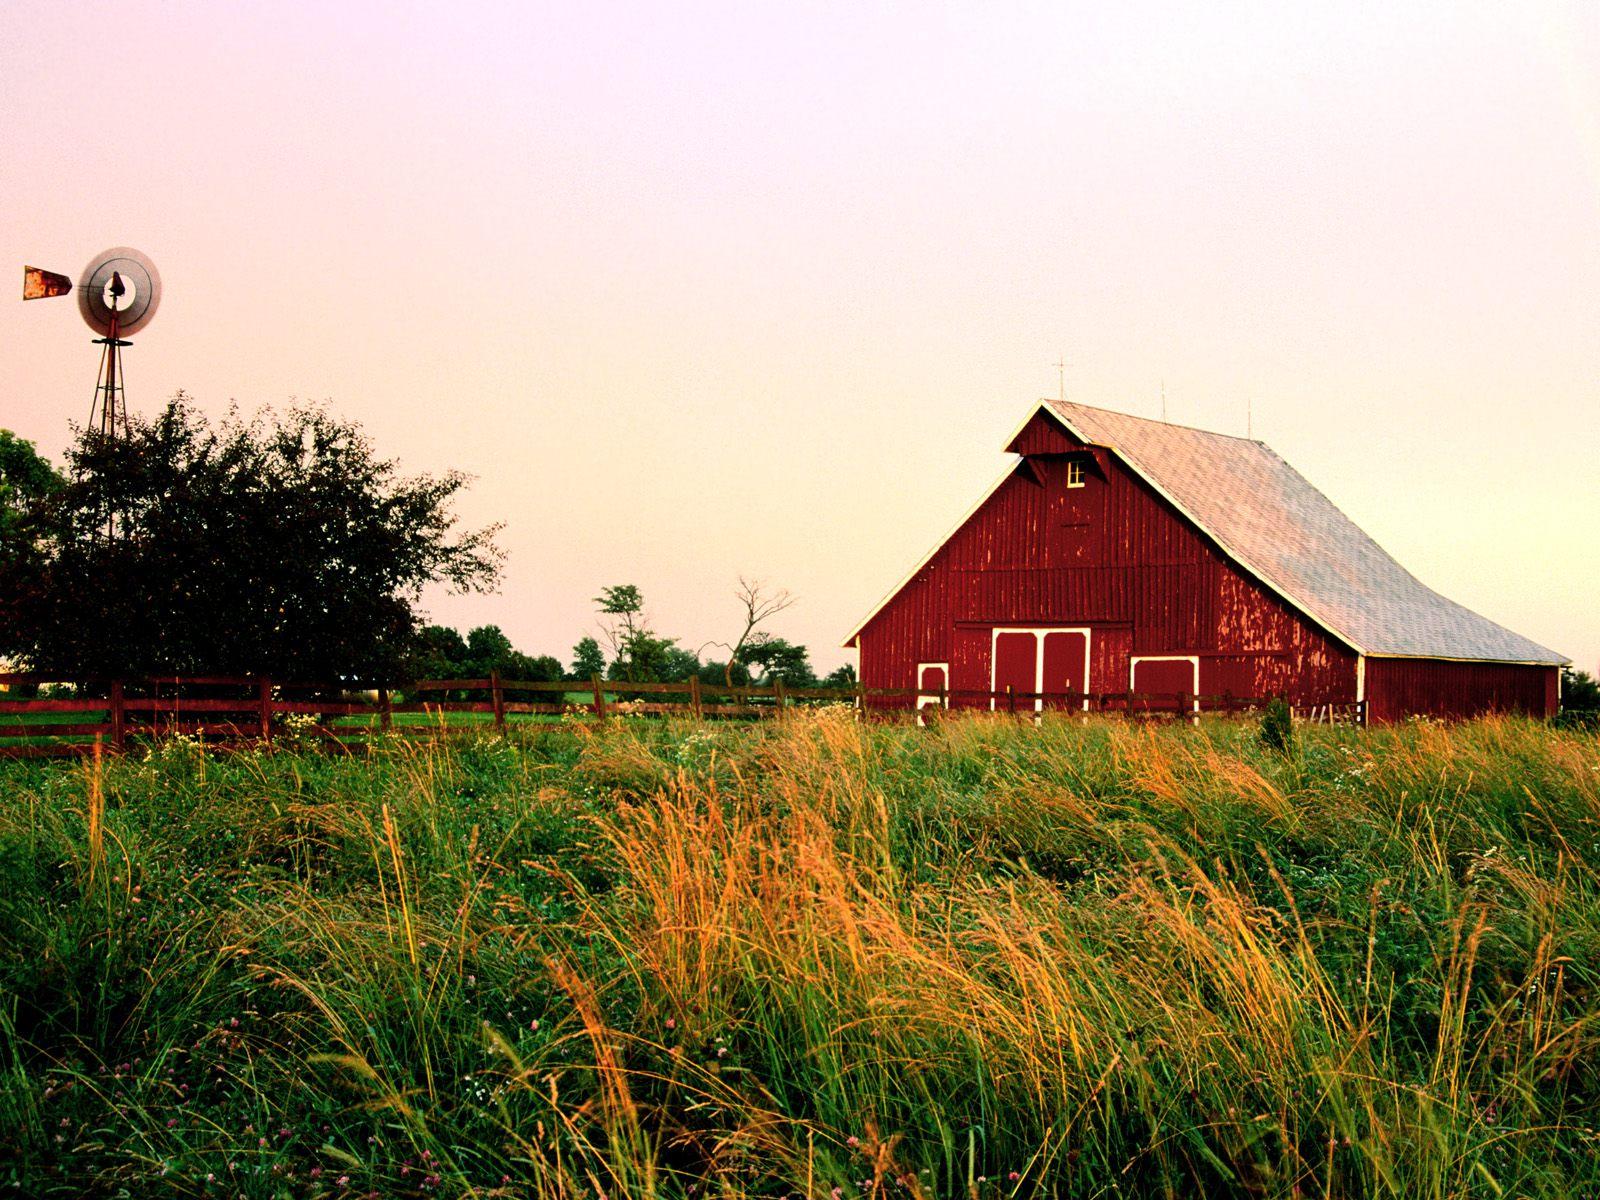 46 Barn Wallpaper Screensavers On Wallpapersafari